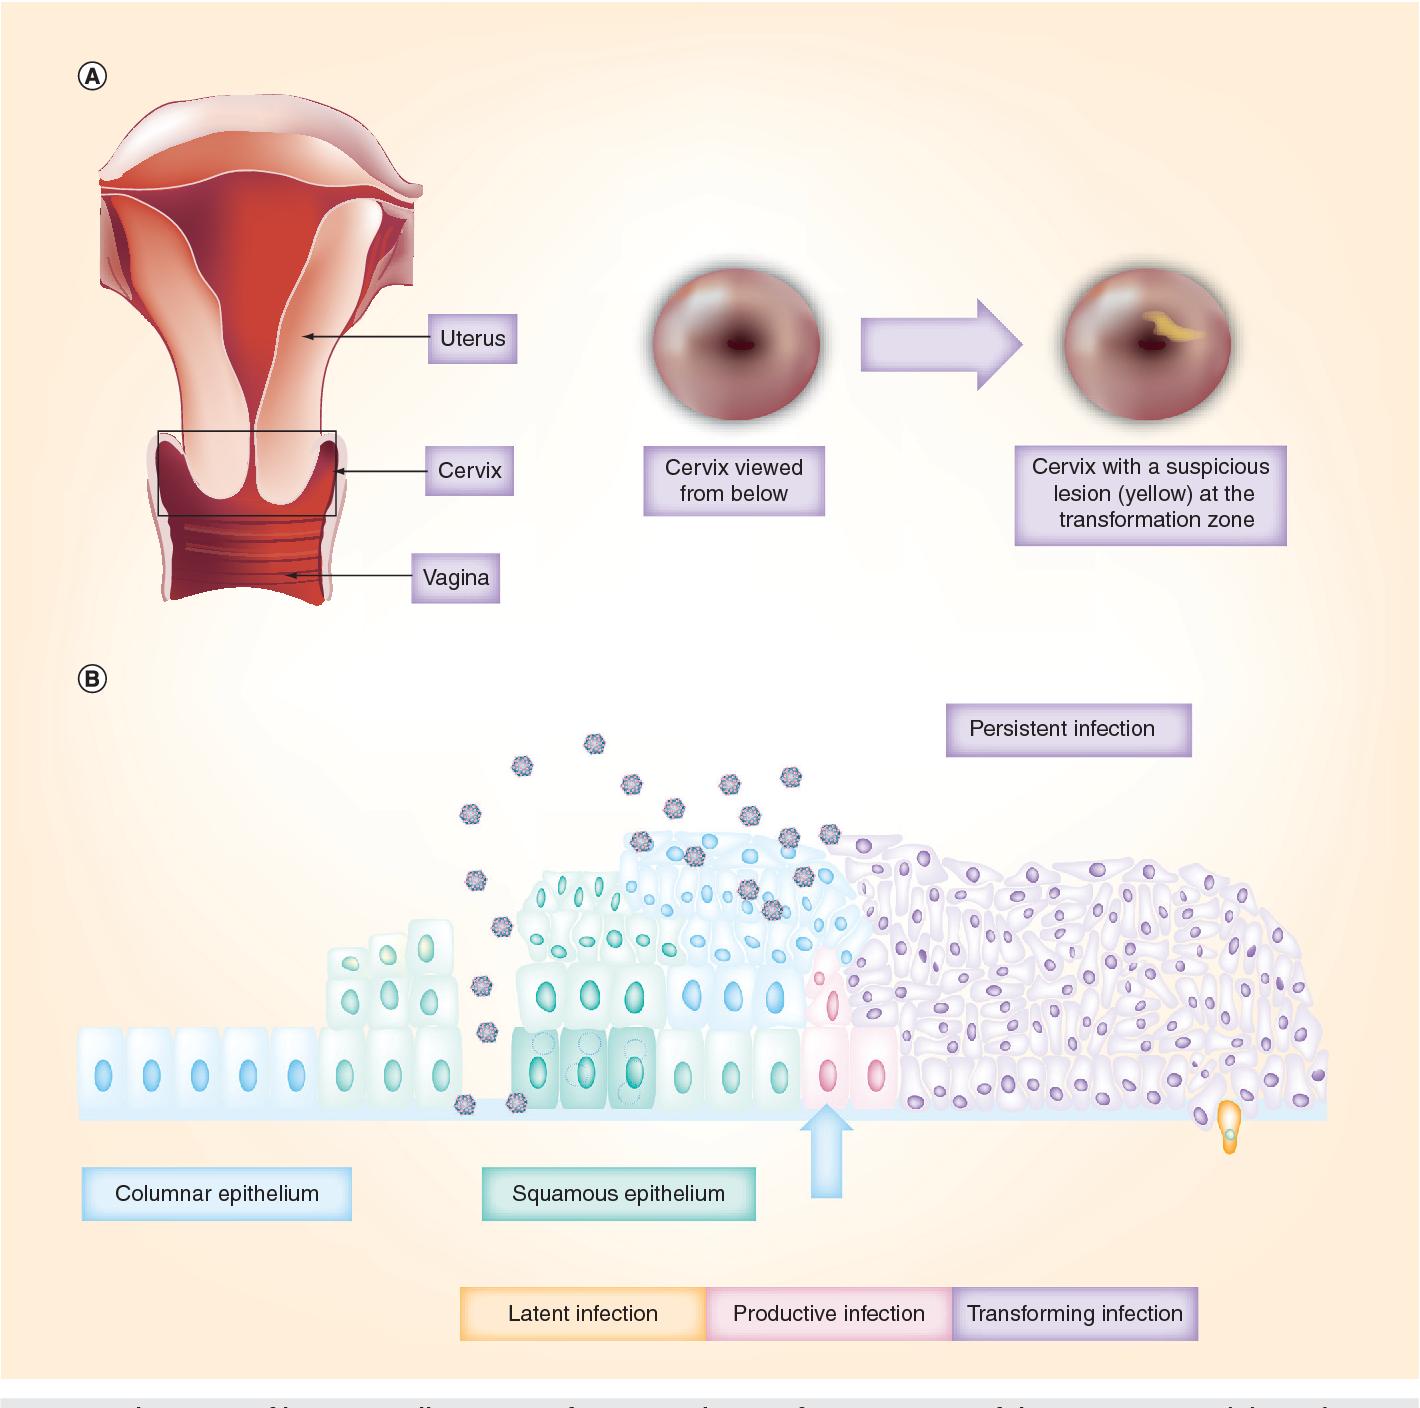 infection uterus papillomavirus)